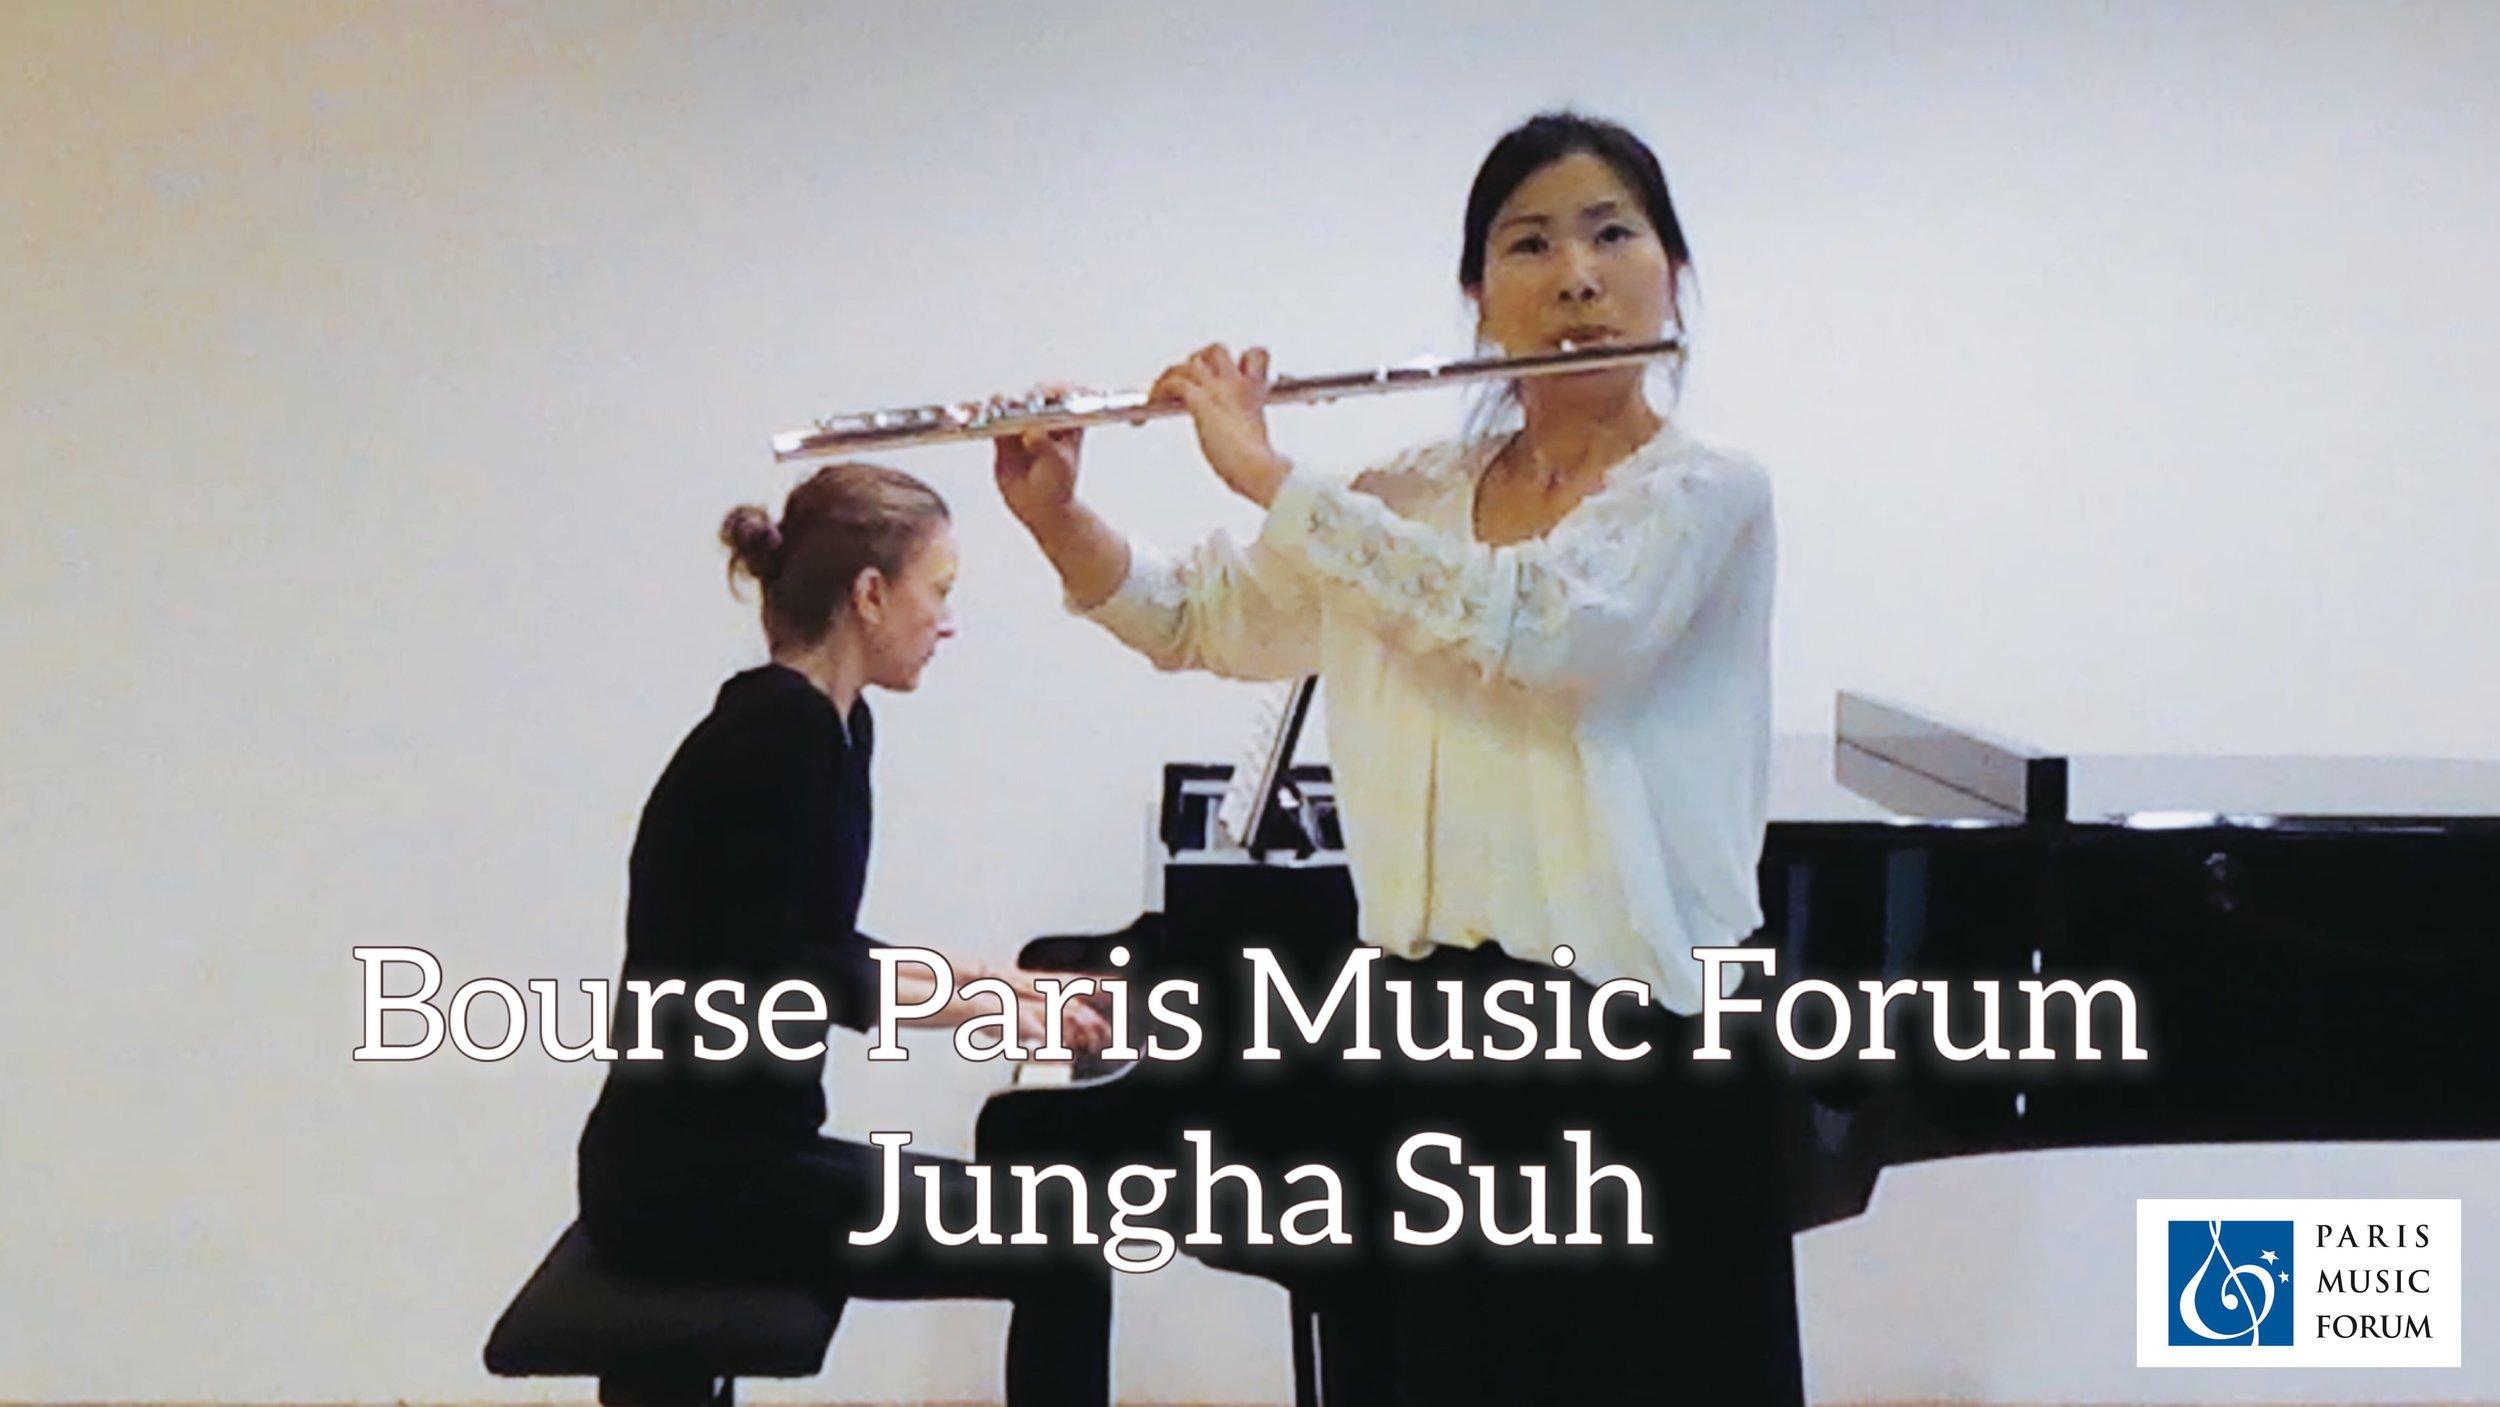 Bourse Paris Music Forum   Jungha S U H   Diplôme avec une Bourse* sous forme d'avoir-remboursement des frais d'hôtel dans la limite de 200 euros (voir ci-dessous pour les détails de la récompense)